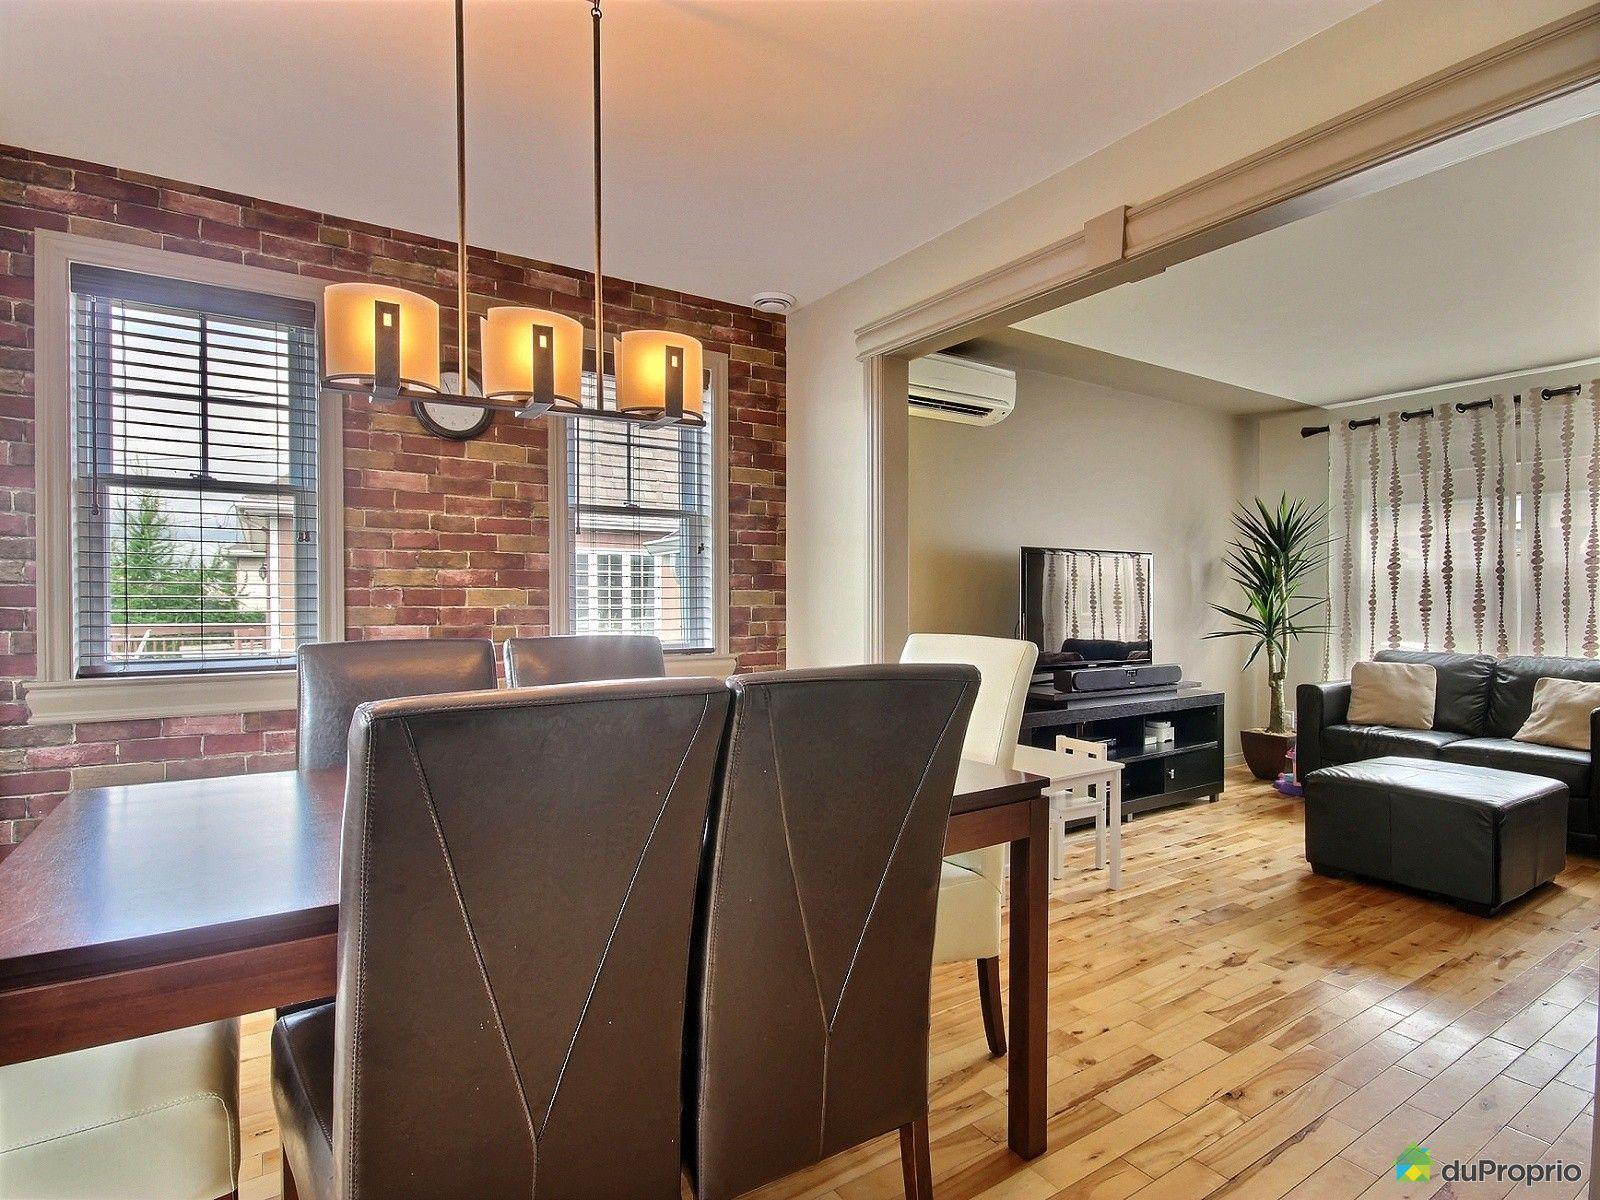 Maison vendre l vis 3943 rue des turquoises immobilier for Salle a manger levi